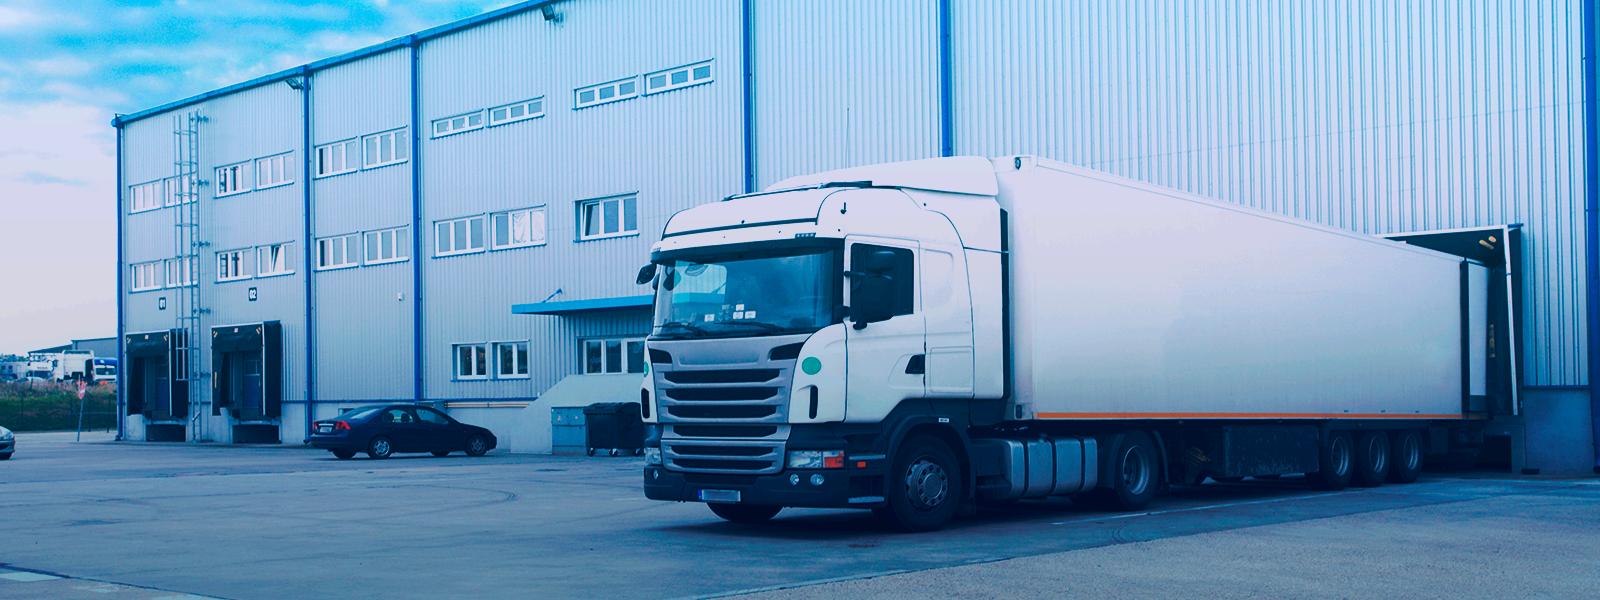 transporte_de_cargas_solução_eficiente